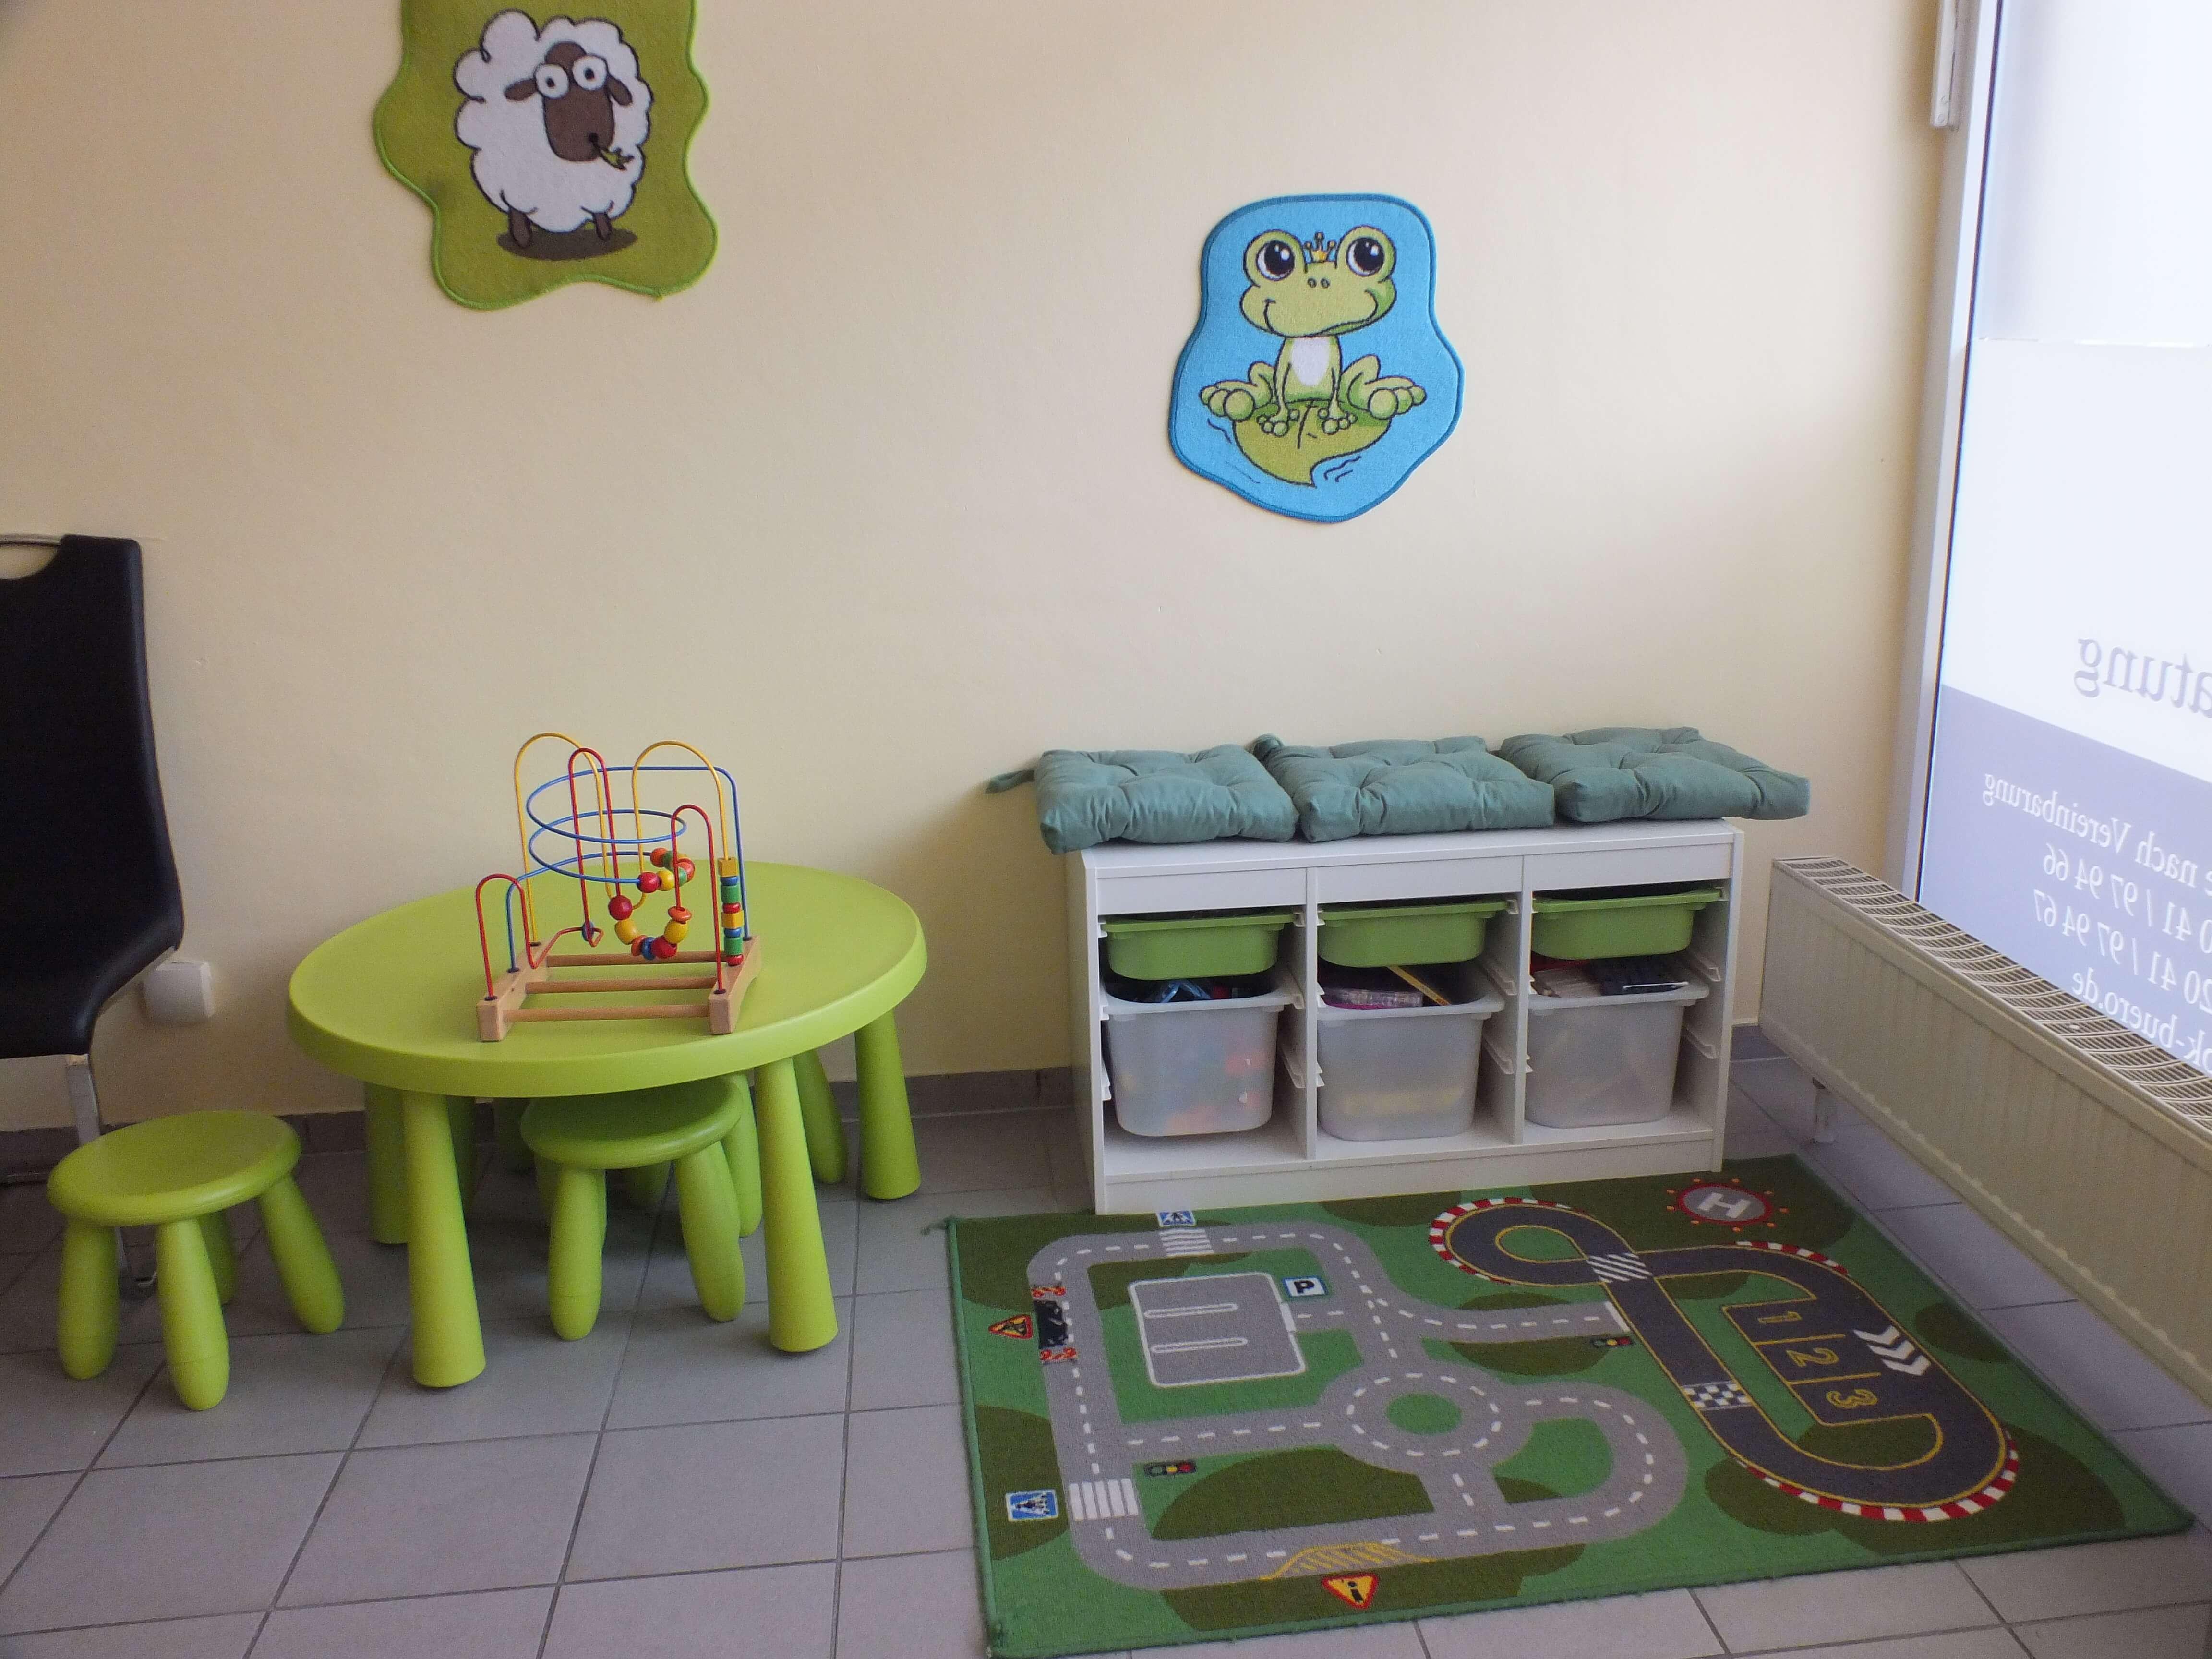 Spielecke für Kinder | bk-buero.de